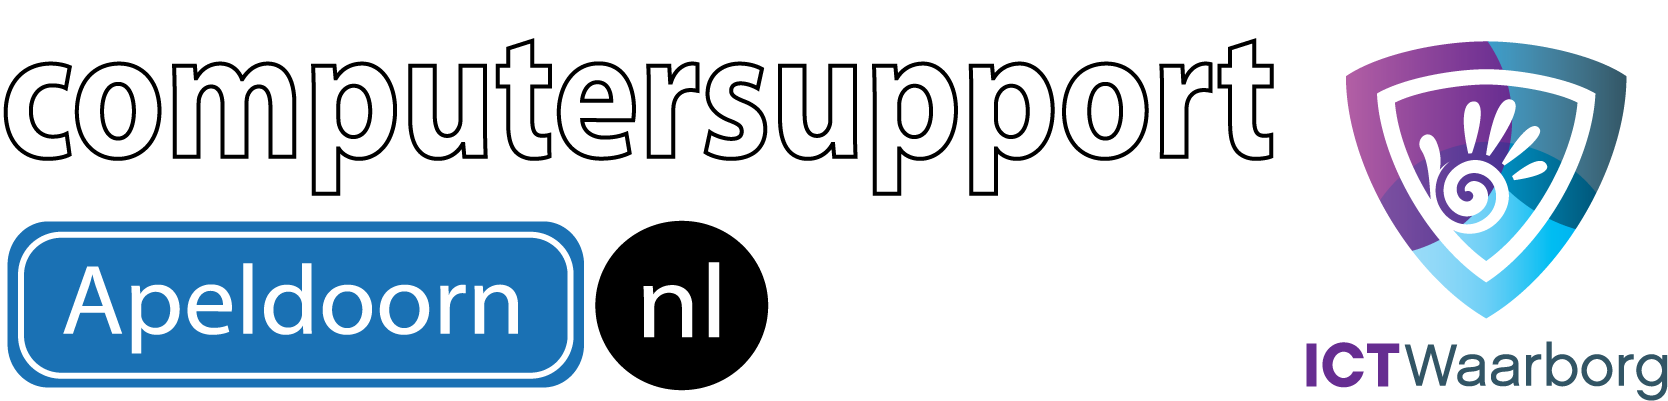 Computersupport Apeldoorn | 055-8437413